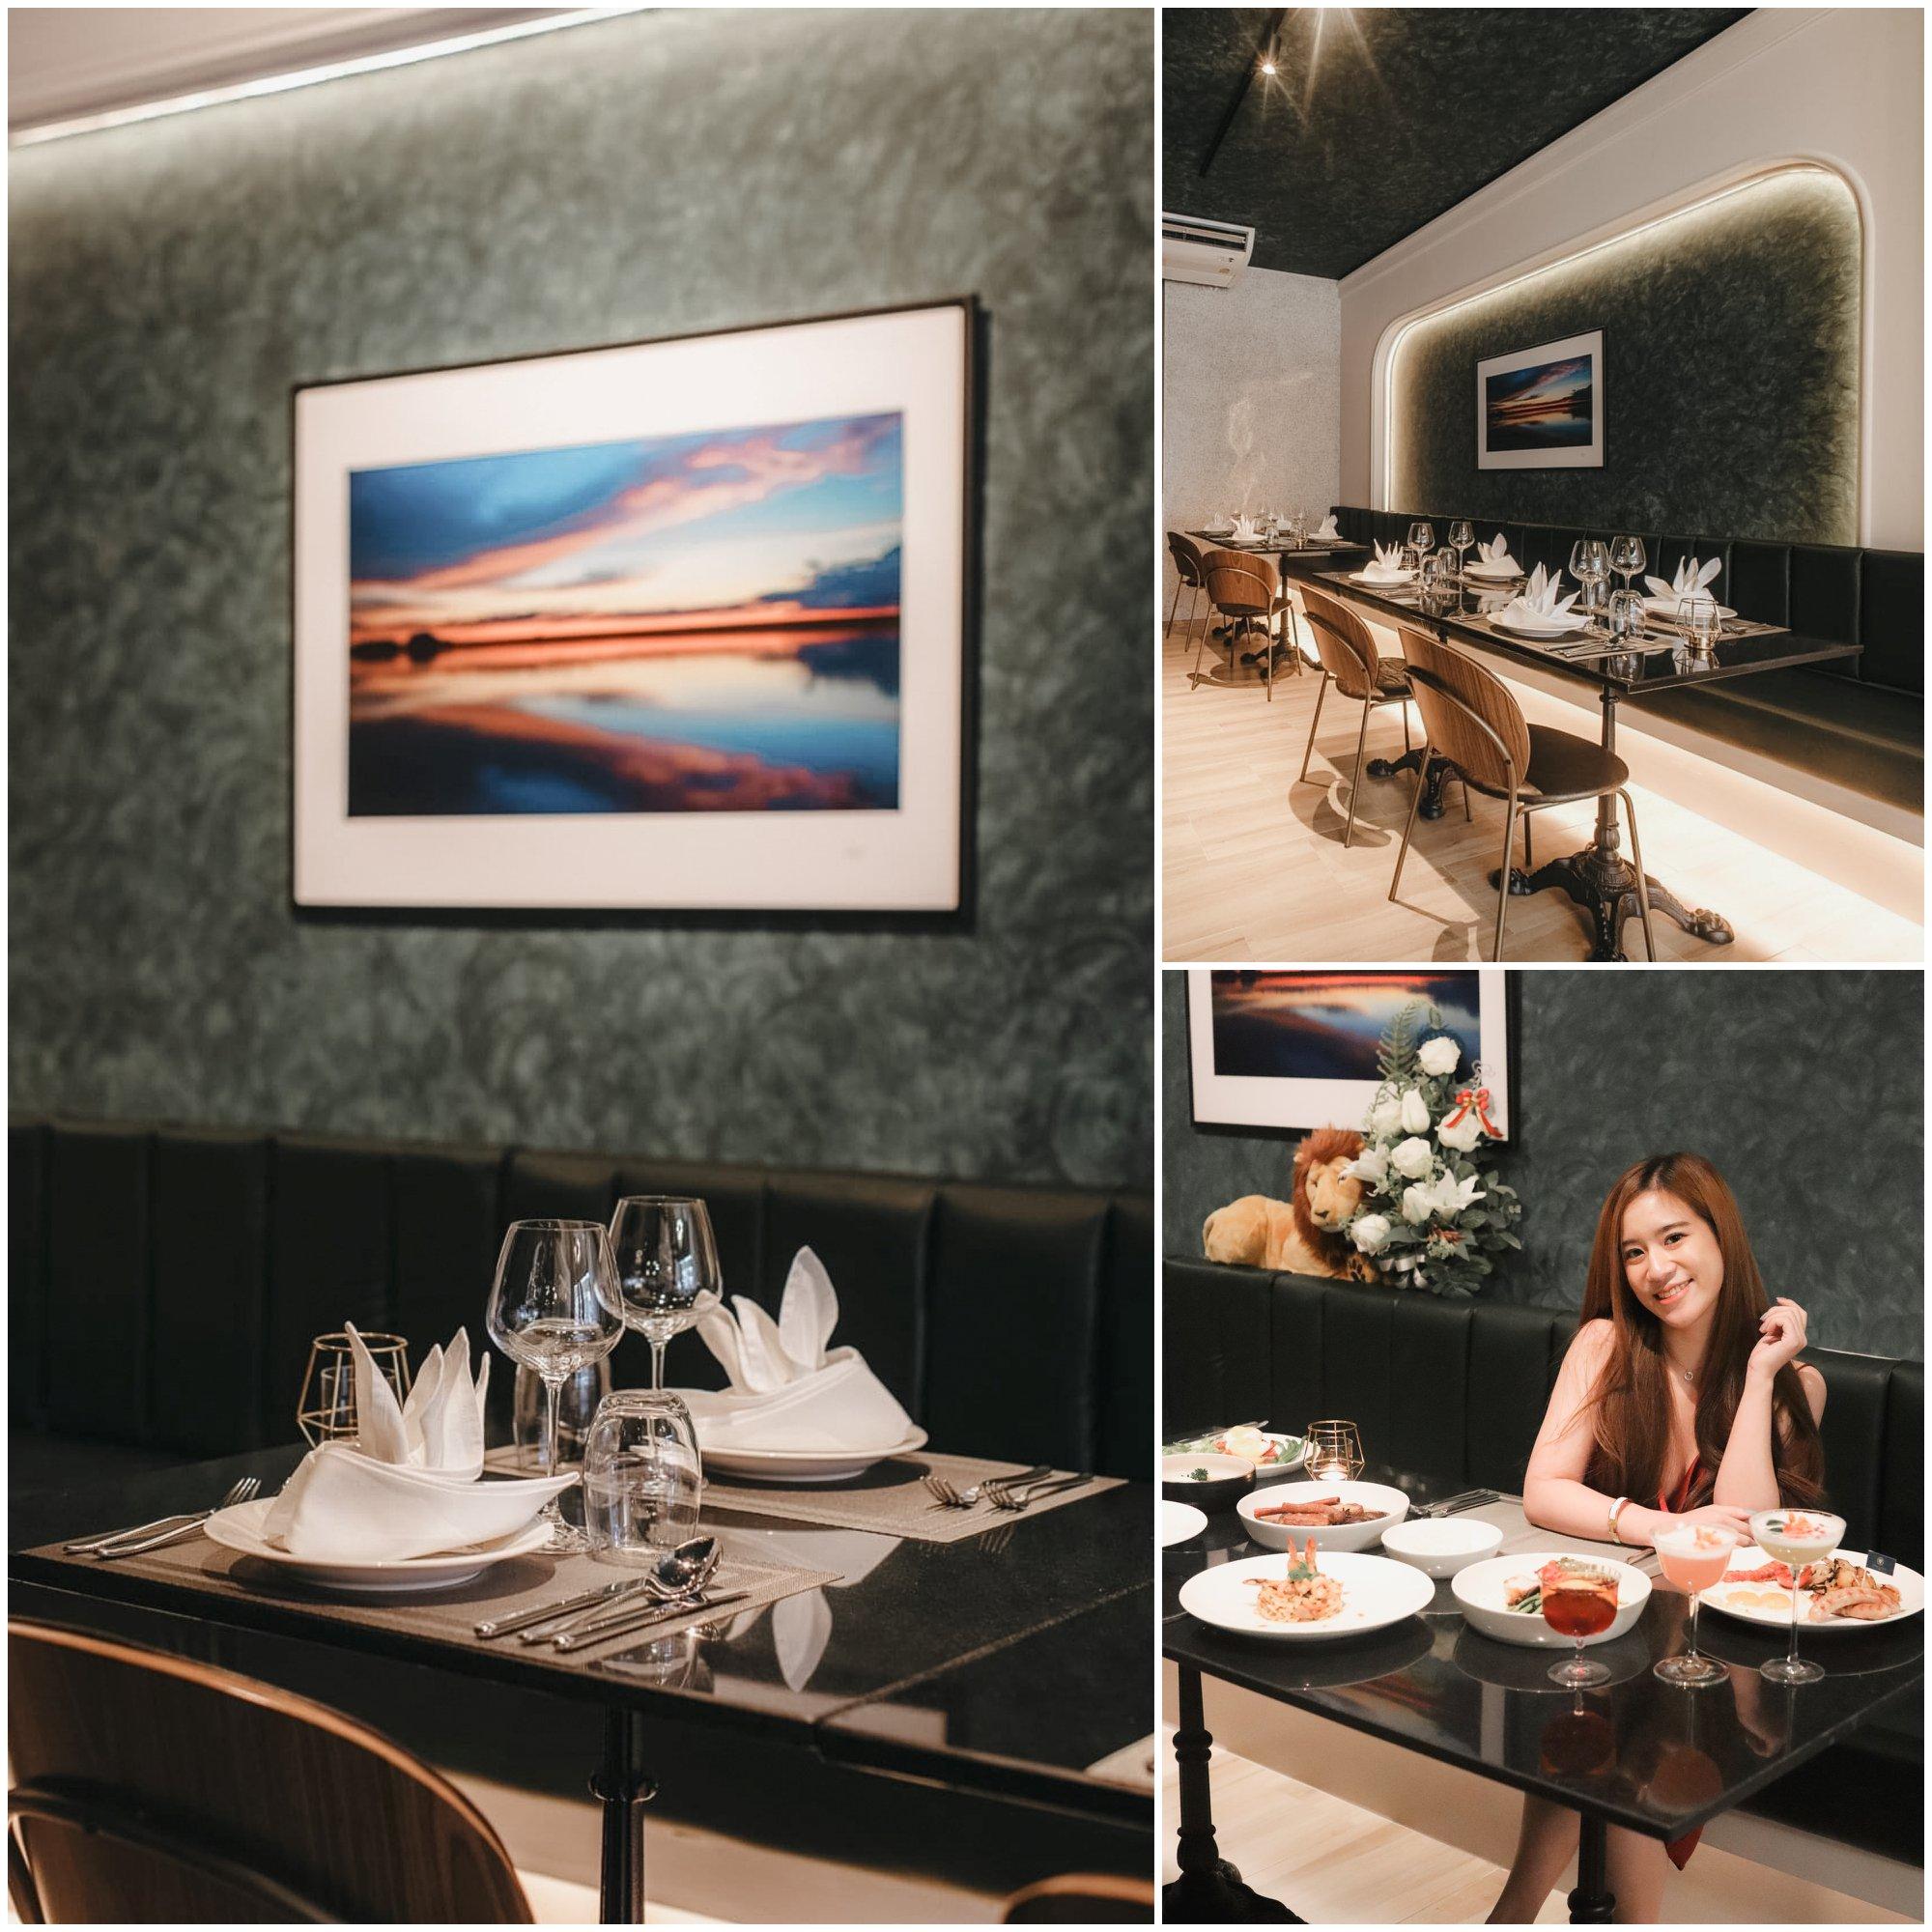 ไฮไลท์เด็ดอีกอย่างของร้านคือชั้น-2-เป็นโซน-Restaurant-นั่งสบายจัดสวยน่านั่งอาหารอร่อยด้วยน้าา ตรัง,ร้านอาหาร,ของกิน,บาร์,Lion,Tale,Bar,Restaurant,เปิดใหม่